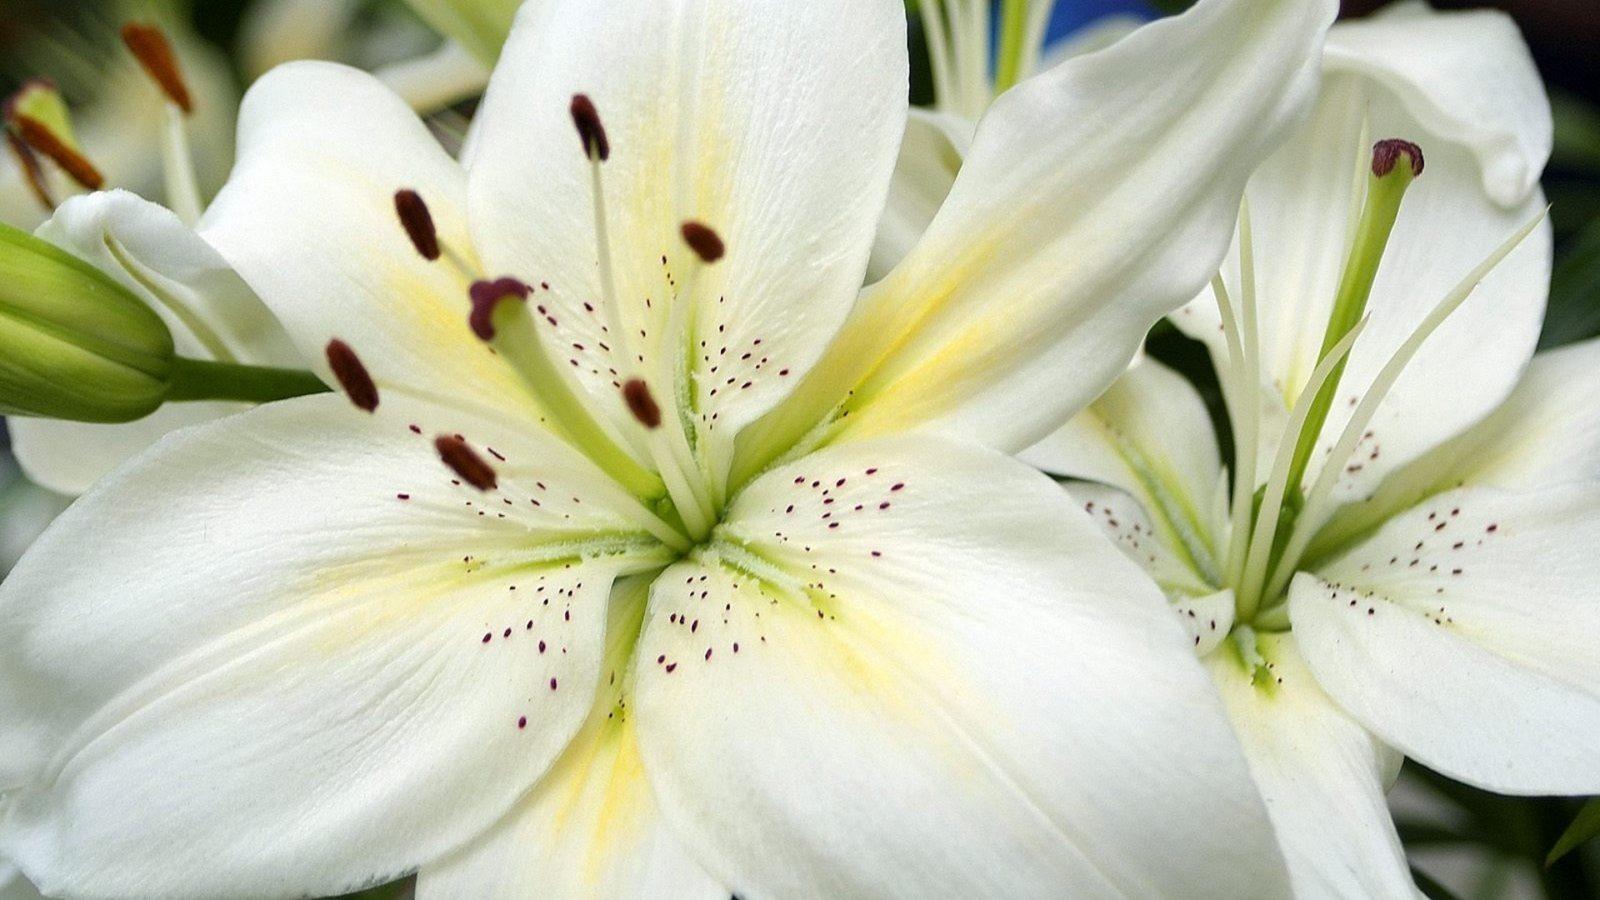 Фото картинки цветы лилии